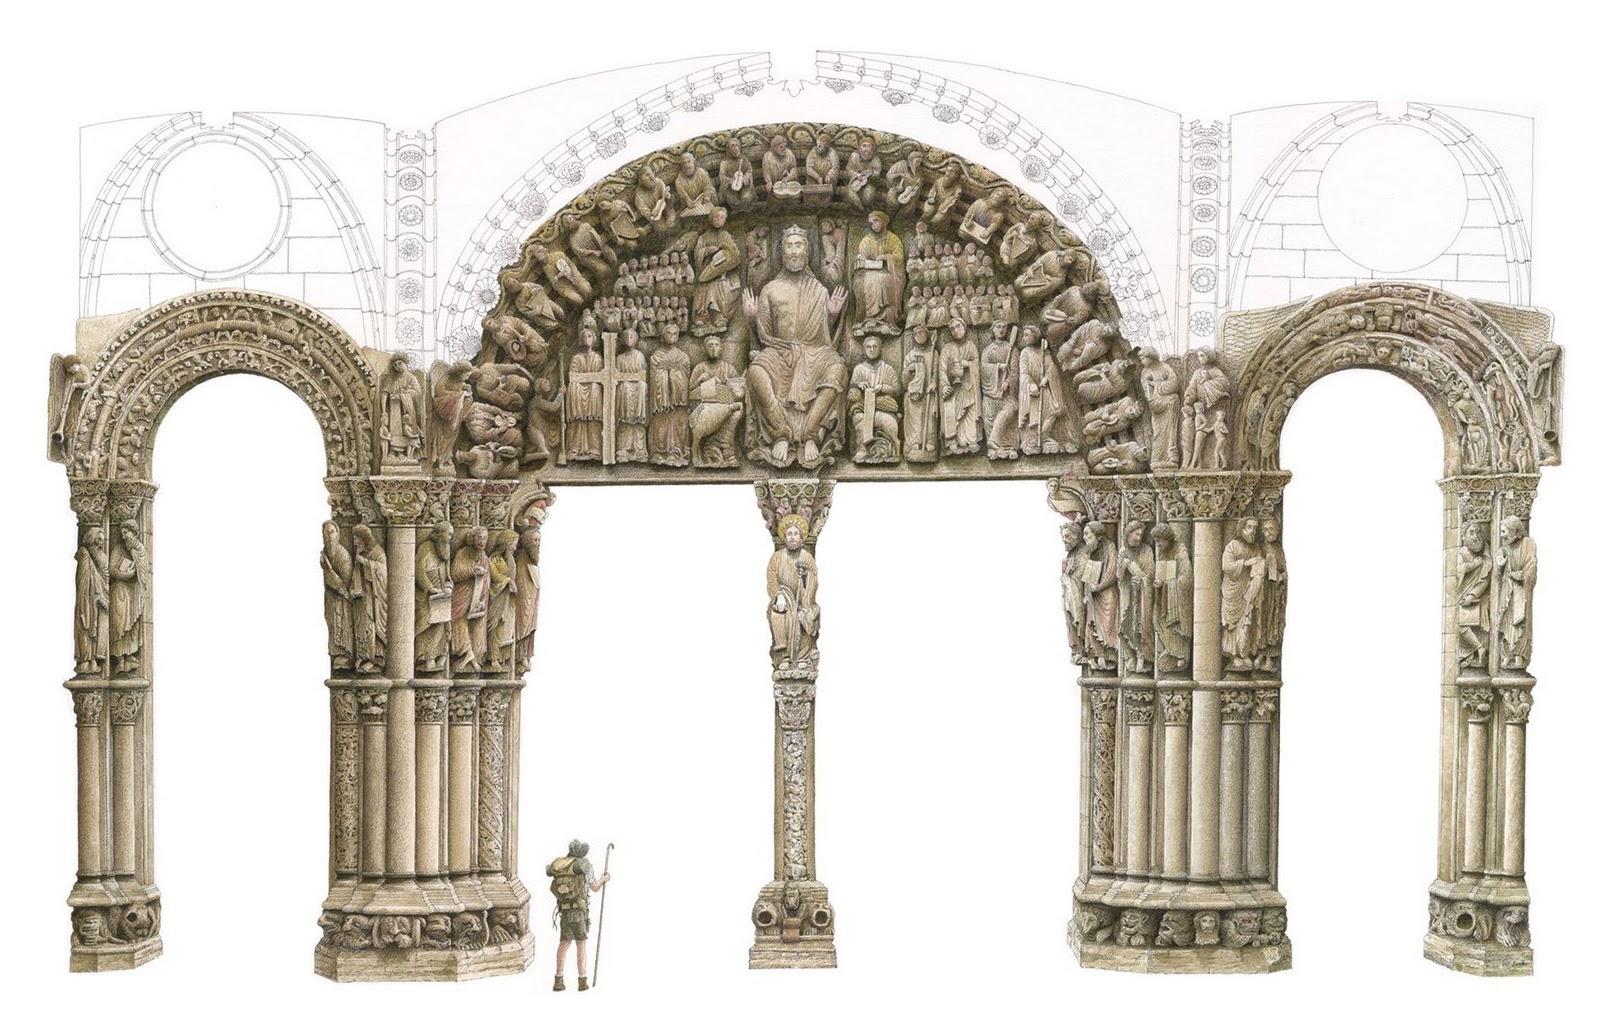 Armarios A Medida Santiago De Compostela : Arteygeografiadelgris el arte romanico